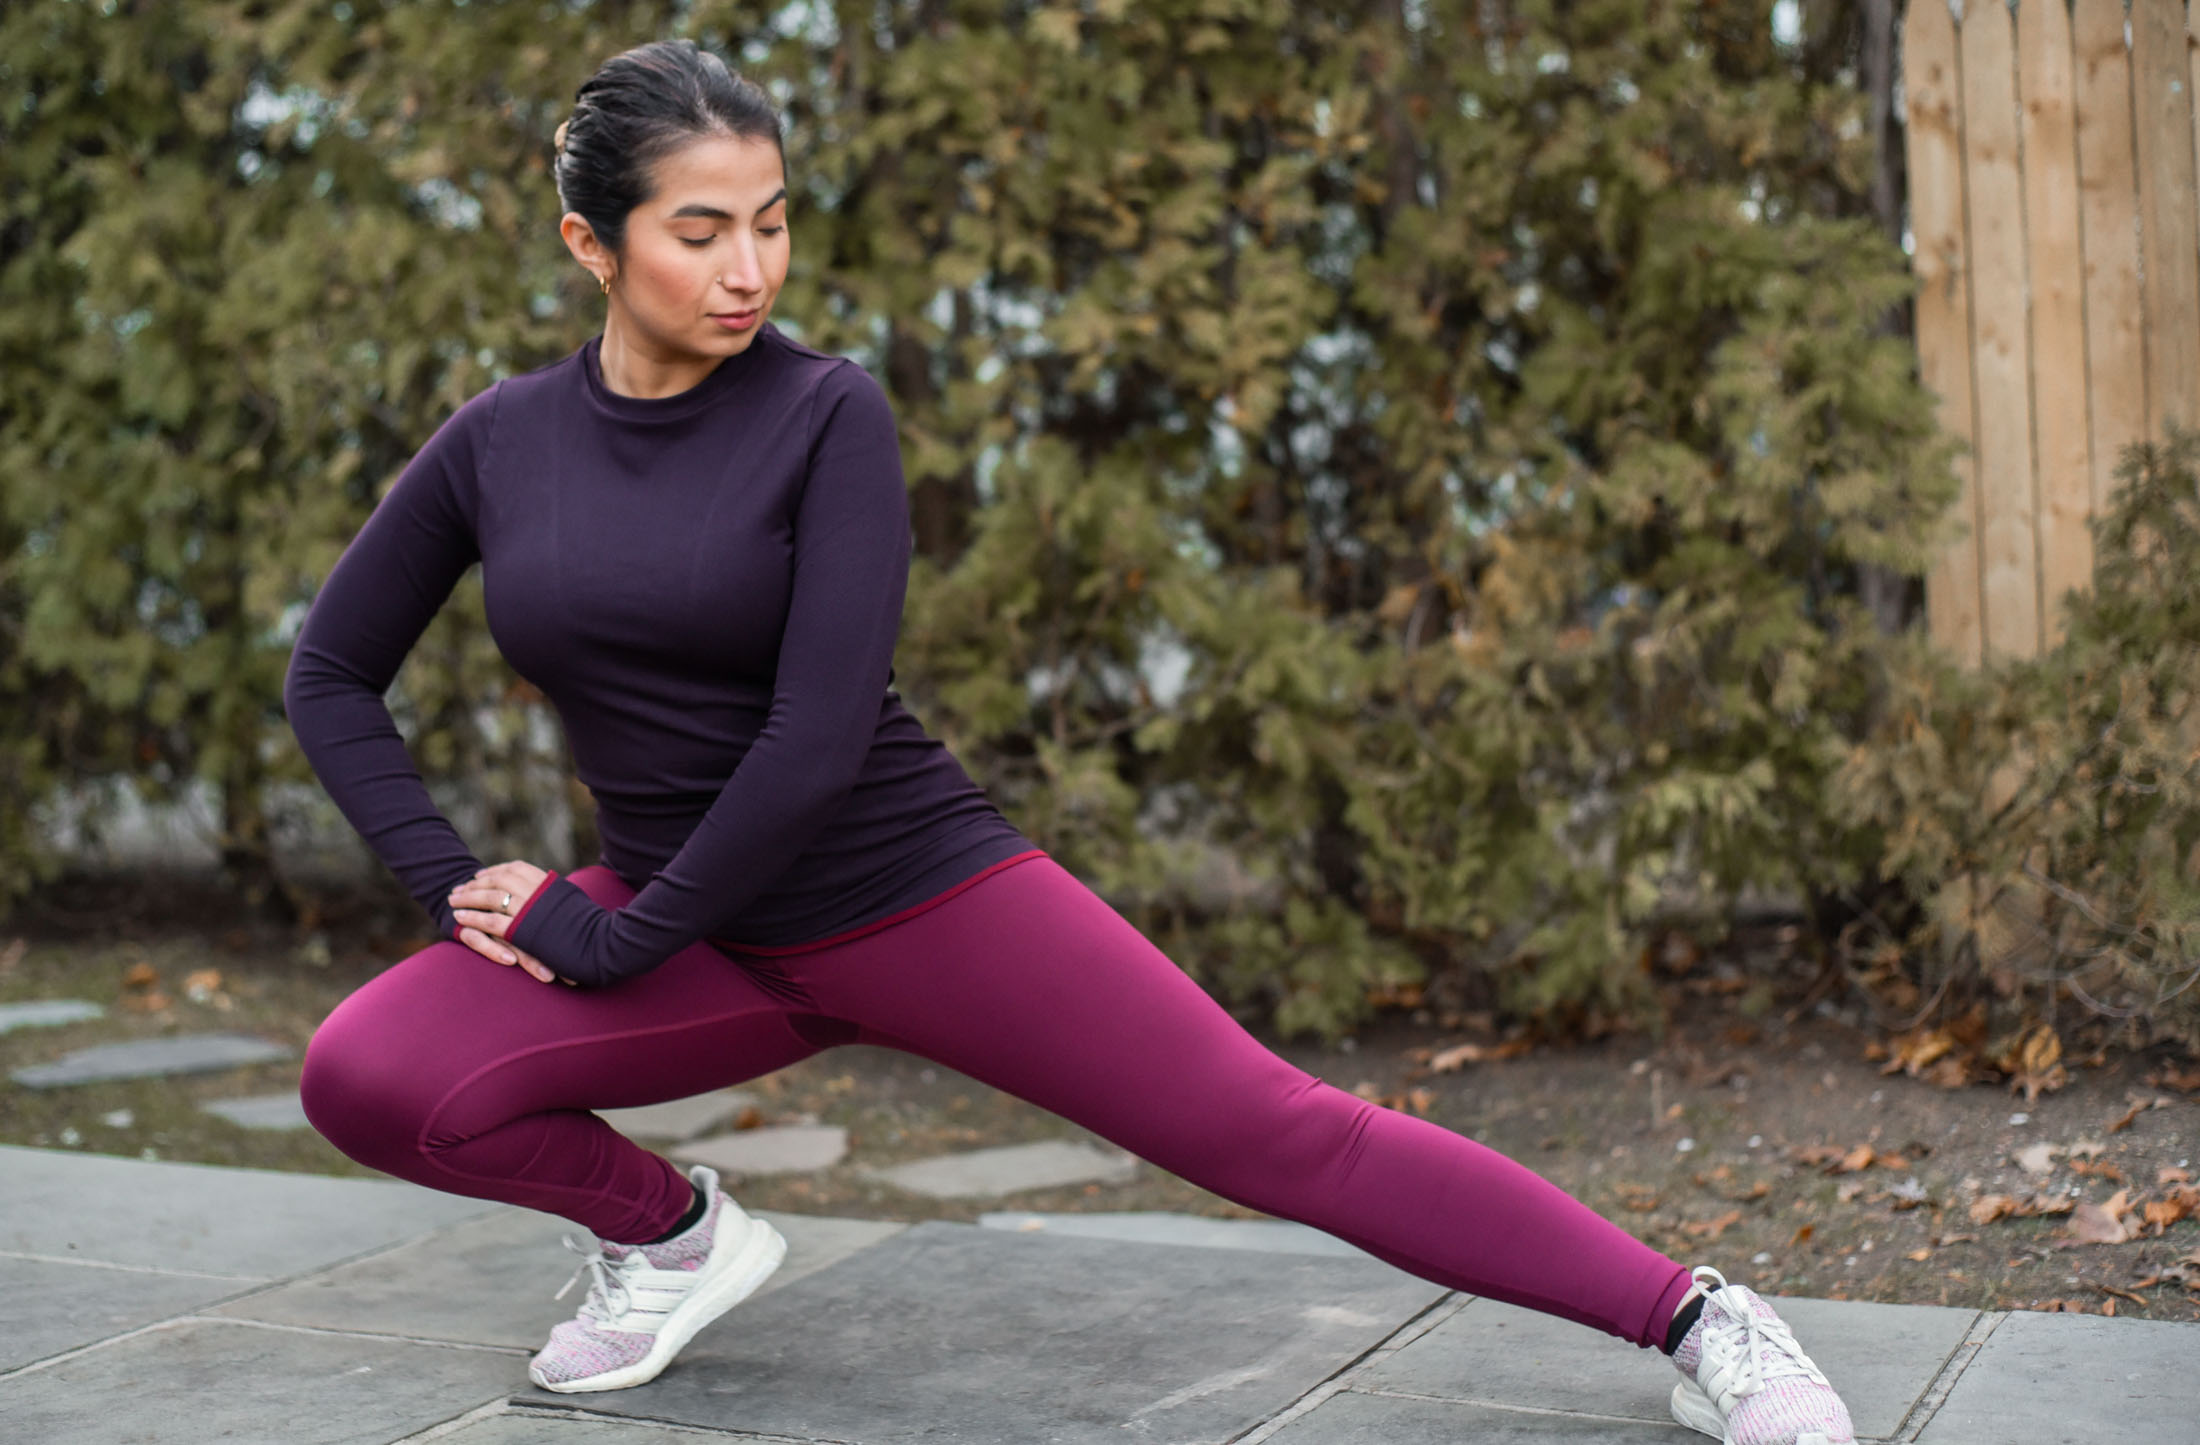 Colorful Leggings Yoga Pants Brown Trendy Leggings Home workout legging Art leggings Trendy Pants Workout clothes Yoga Leggings